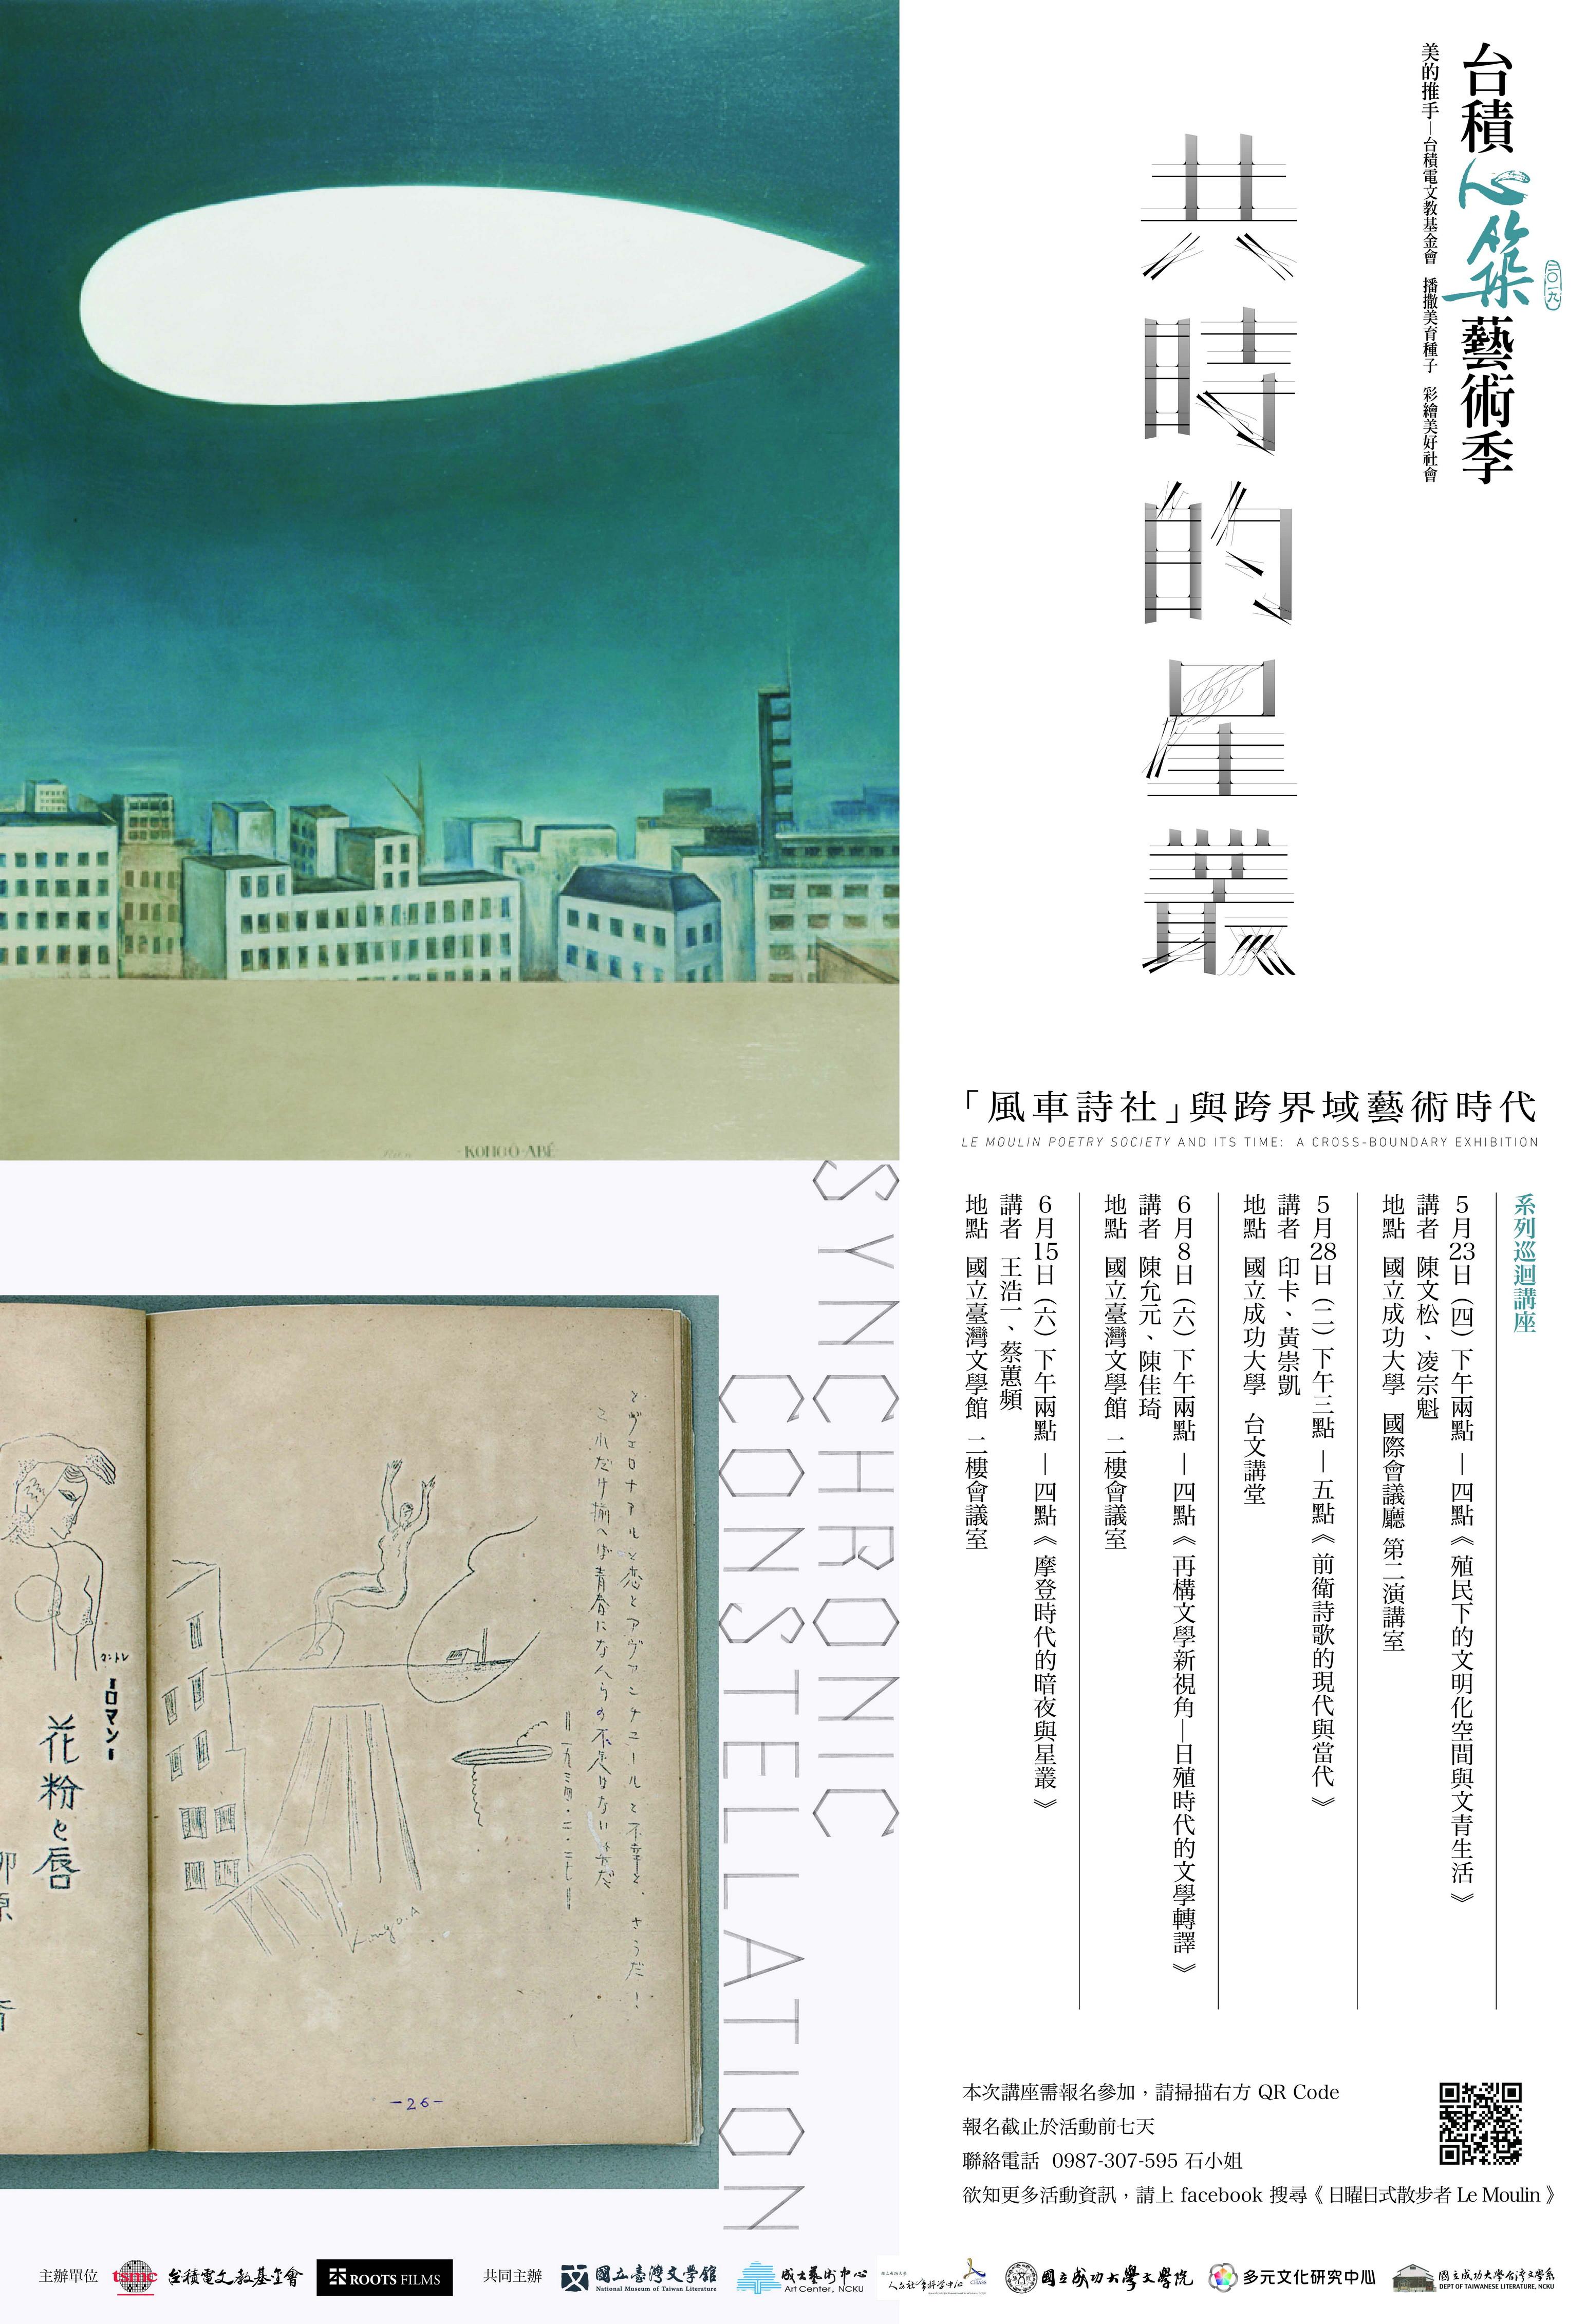 共時的星叢-風車詩社與跨界域藝術時代系列講座.jpg